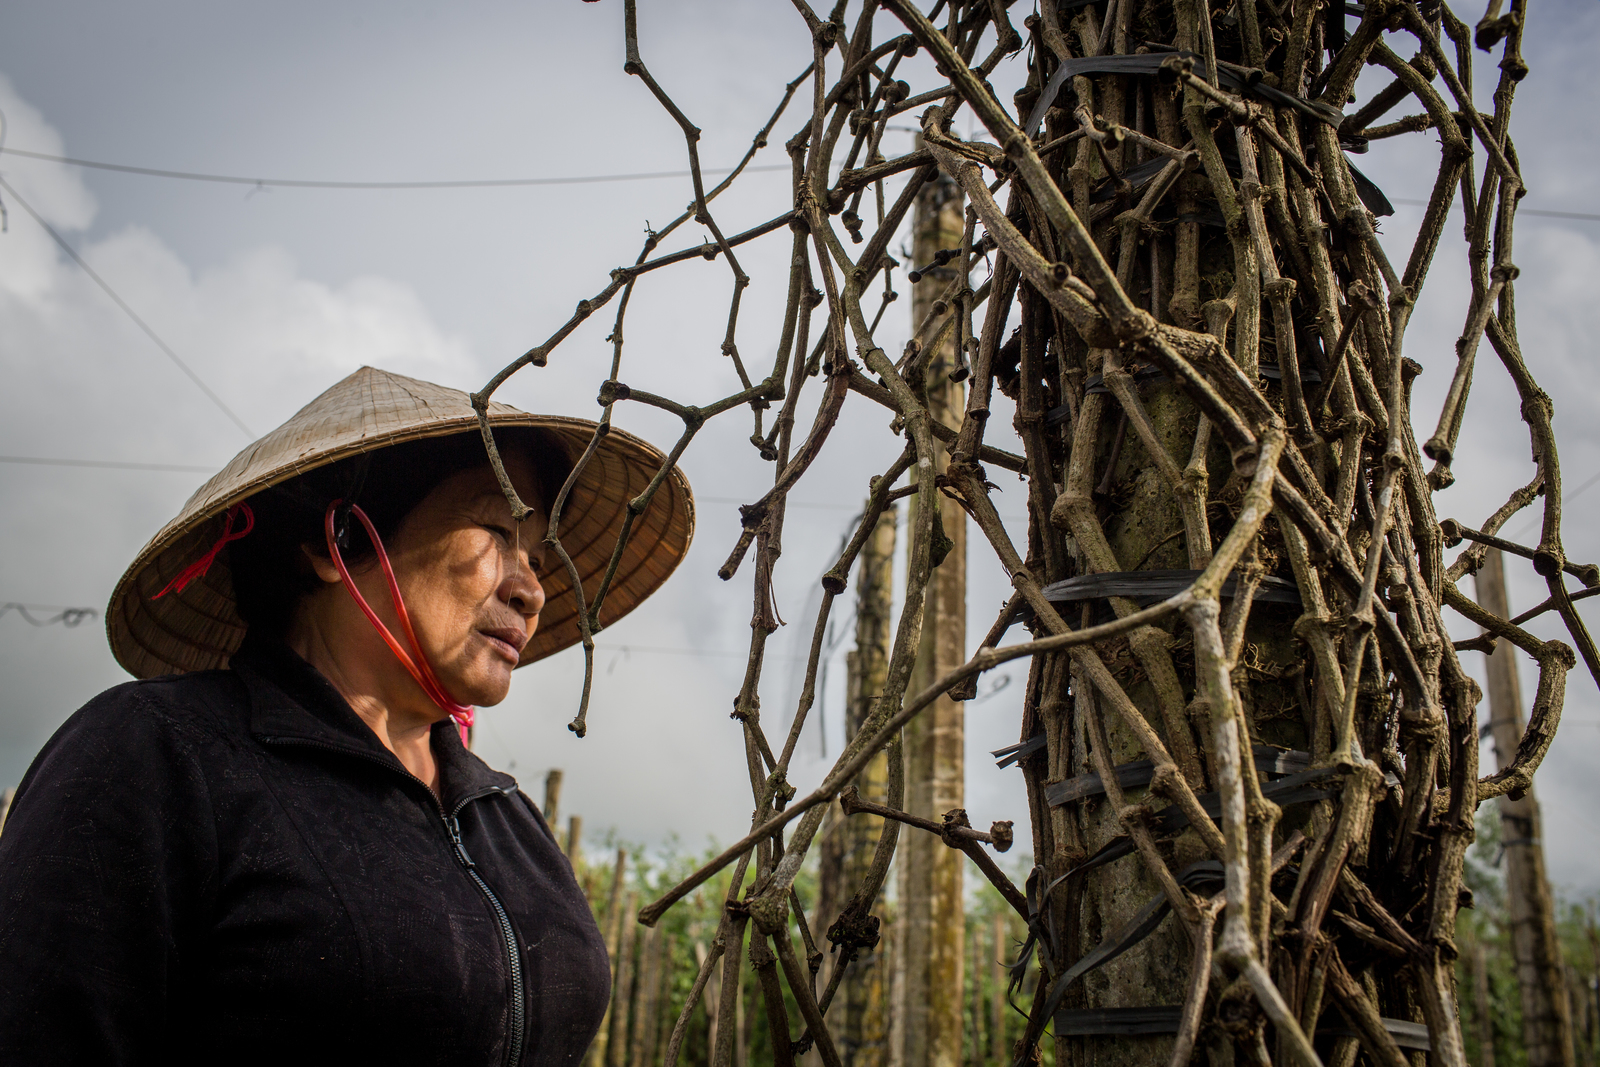 Thủ phủ hồ tiêu thất thủ, nhiều nông dân rời Gia Lai đi làm ăn xa để... trốn nợ